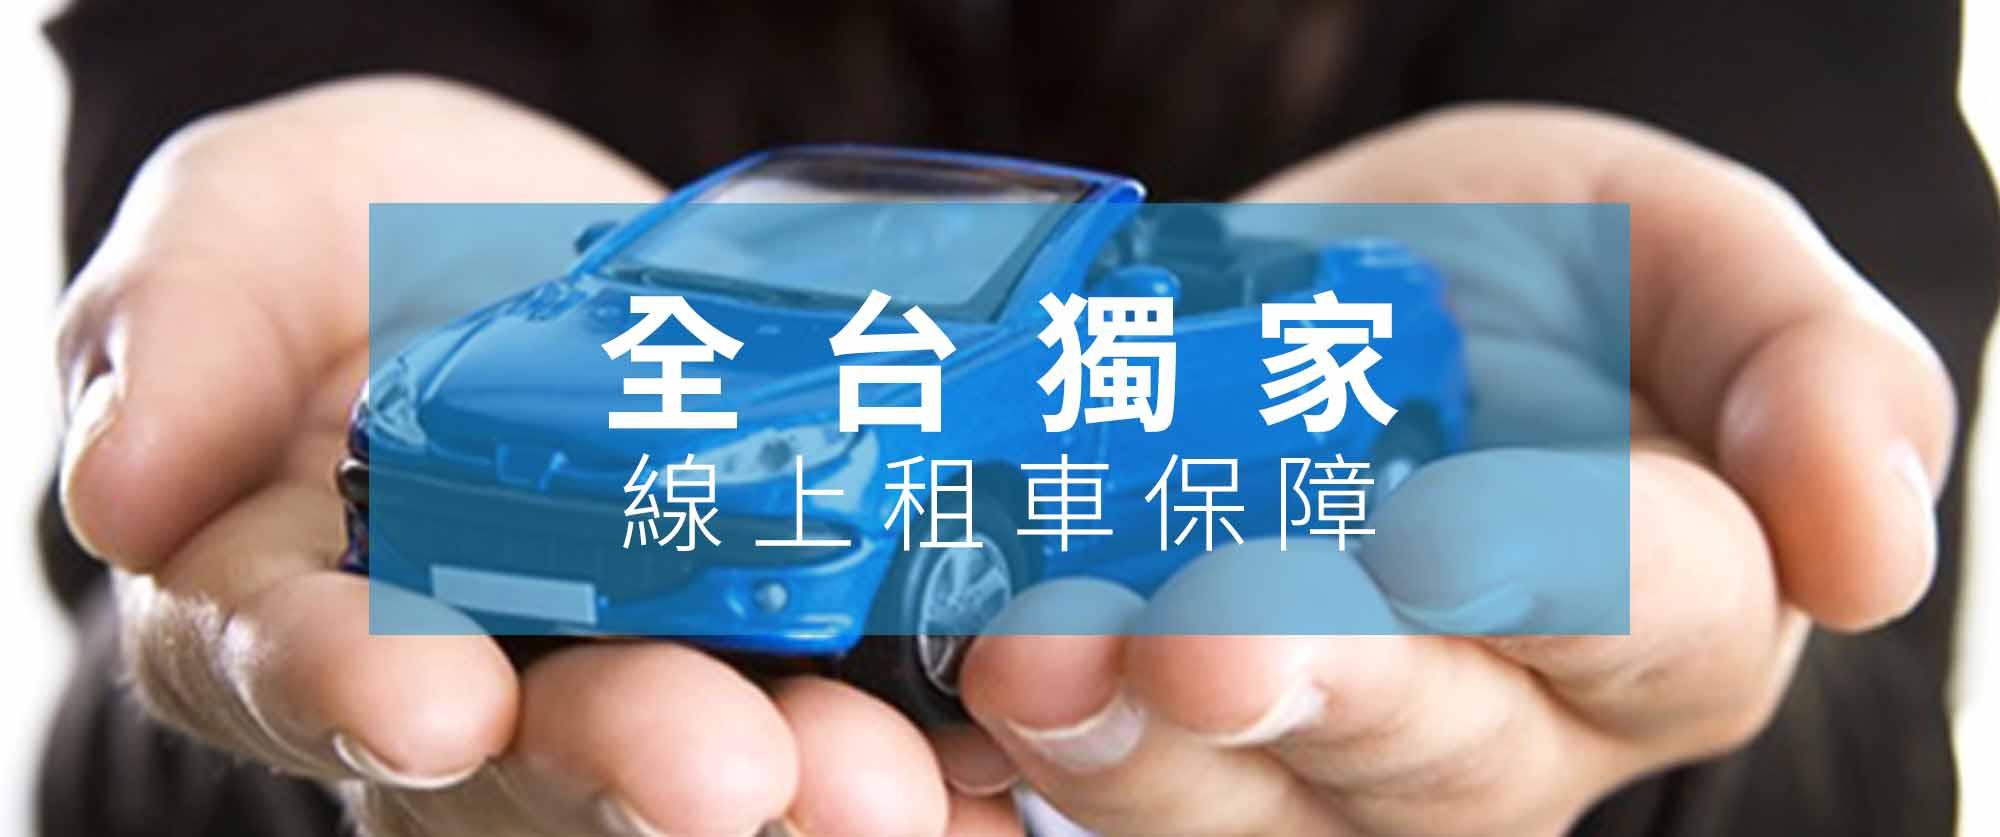 租車,租車保障,租車服務,線上租車,線上租車保障